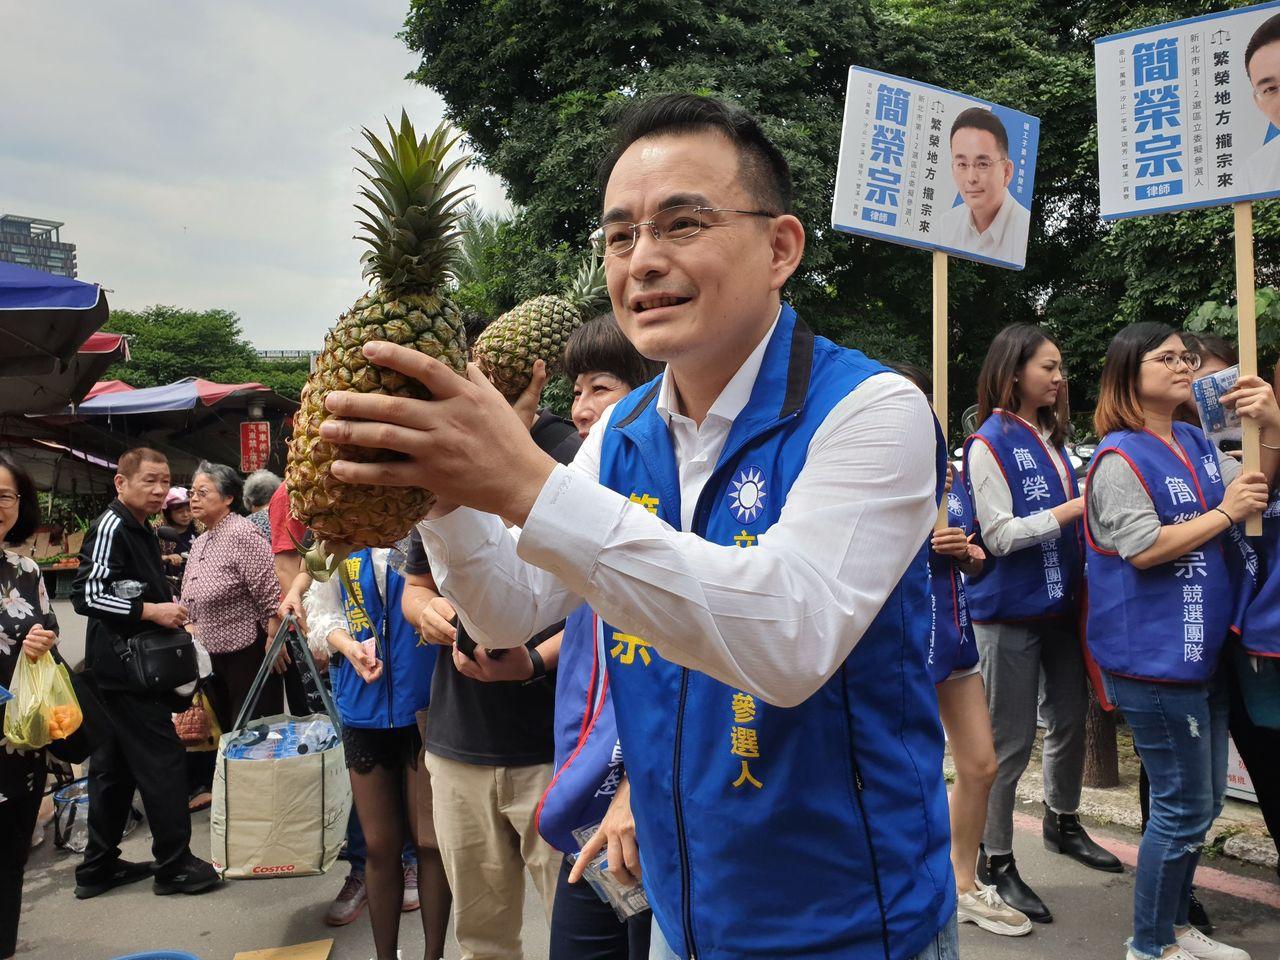 支持民眾贈送鳳梨給簡榮宗祝他當選。記者胡瑞玲/攝影